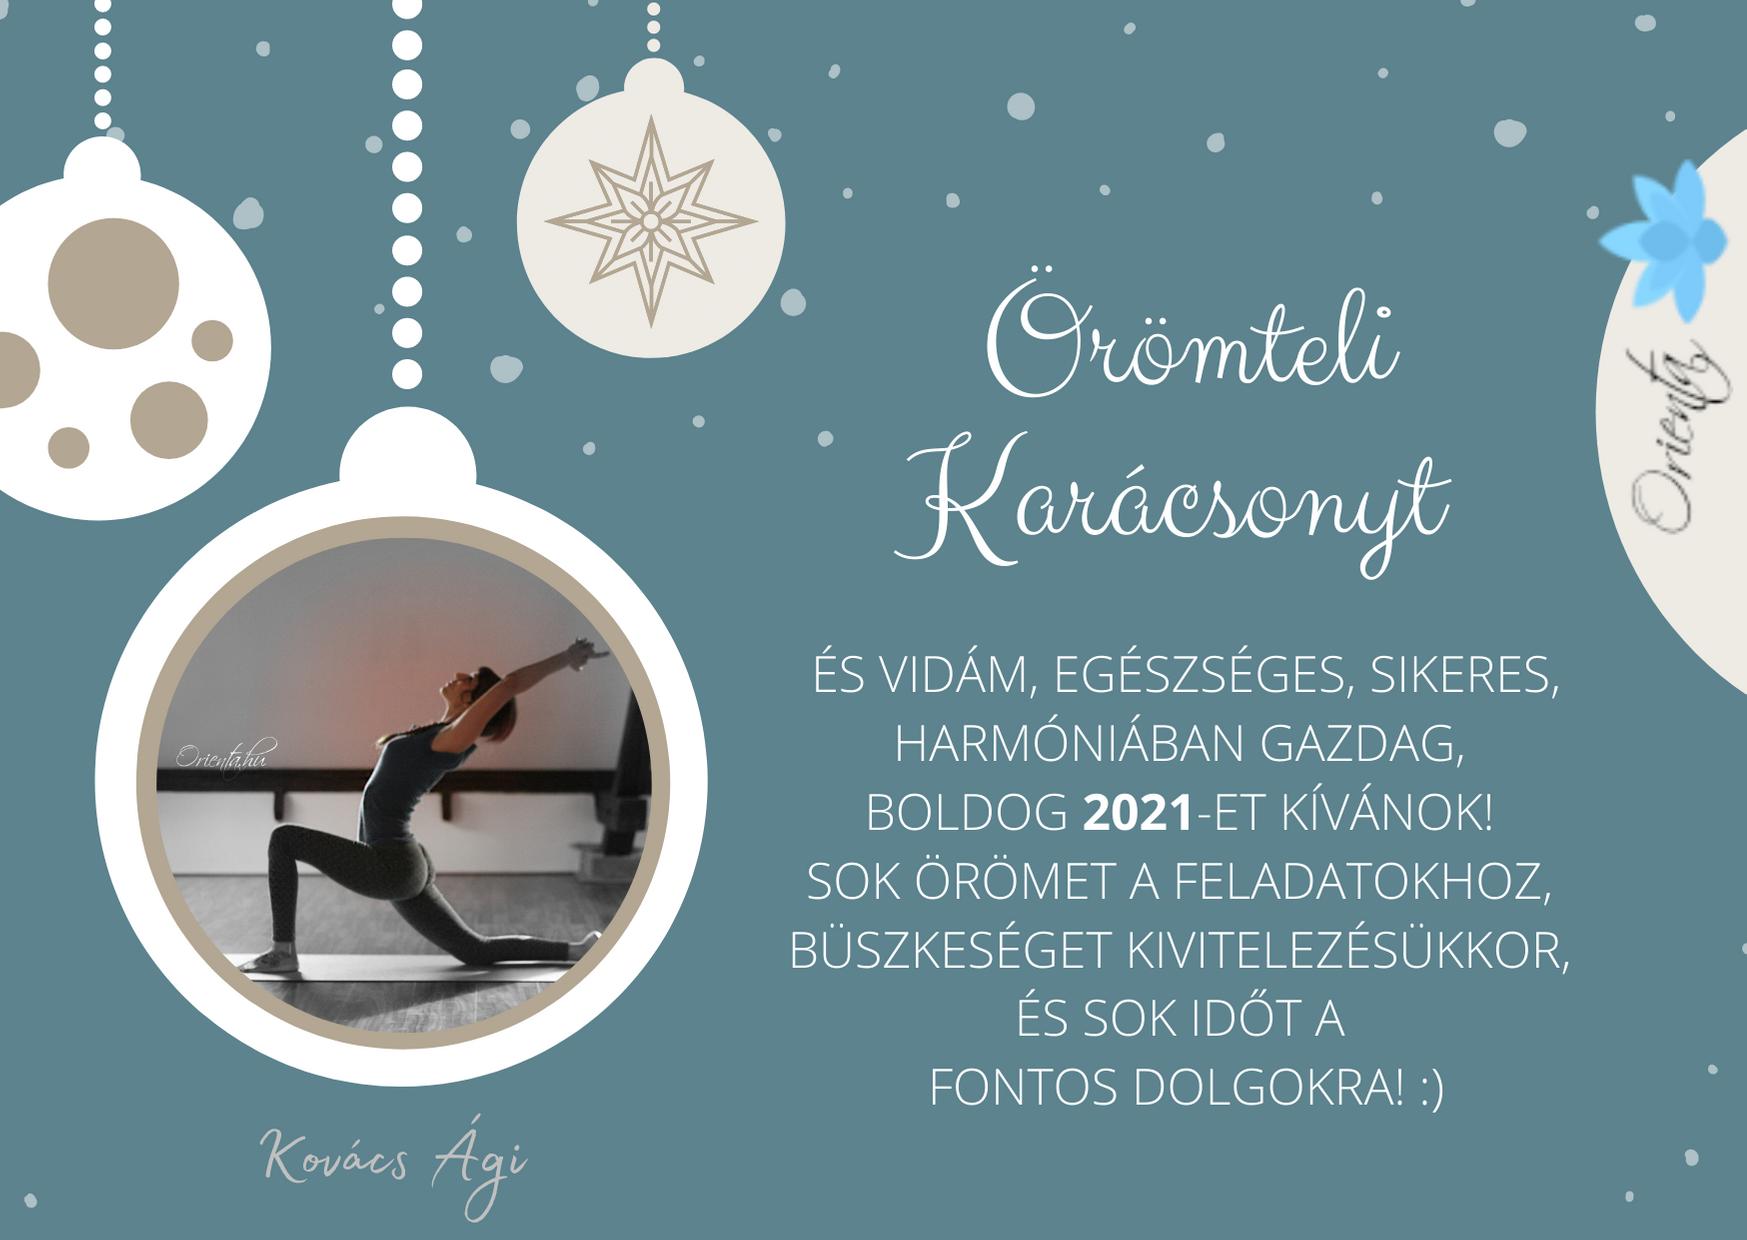 Örömteli Karácsonyt és 2021-et! Orienta.hu